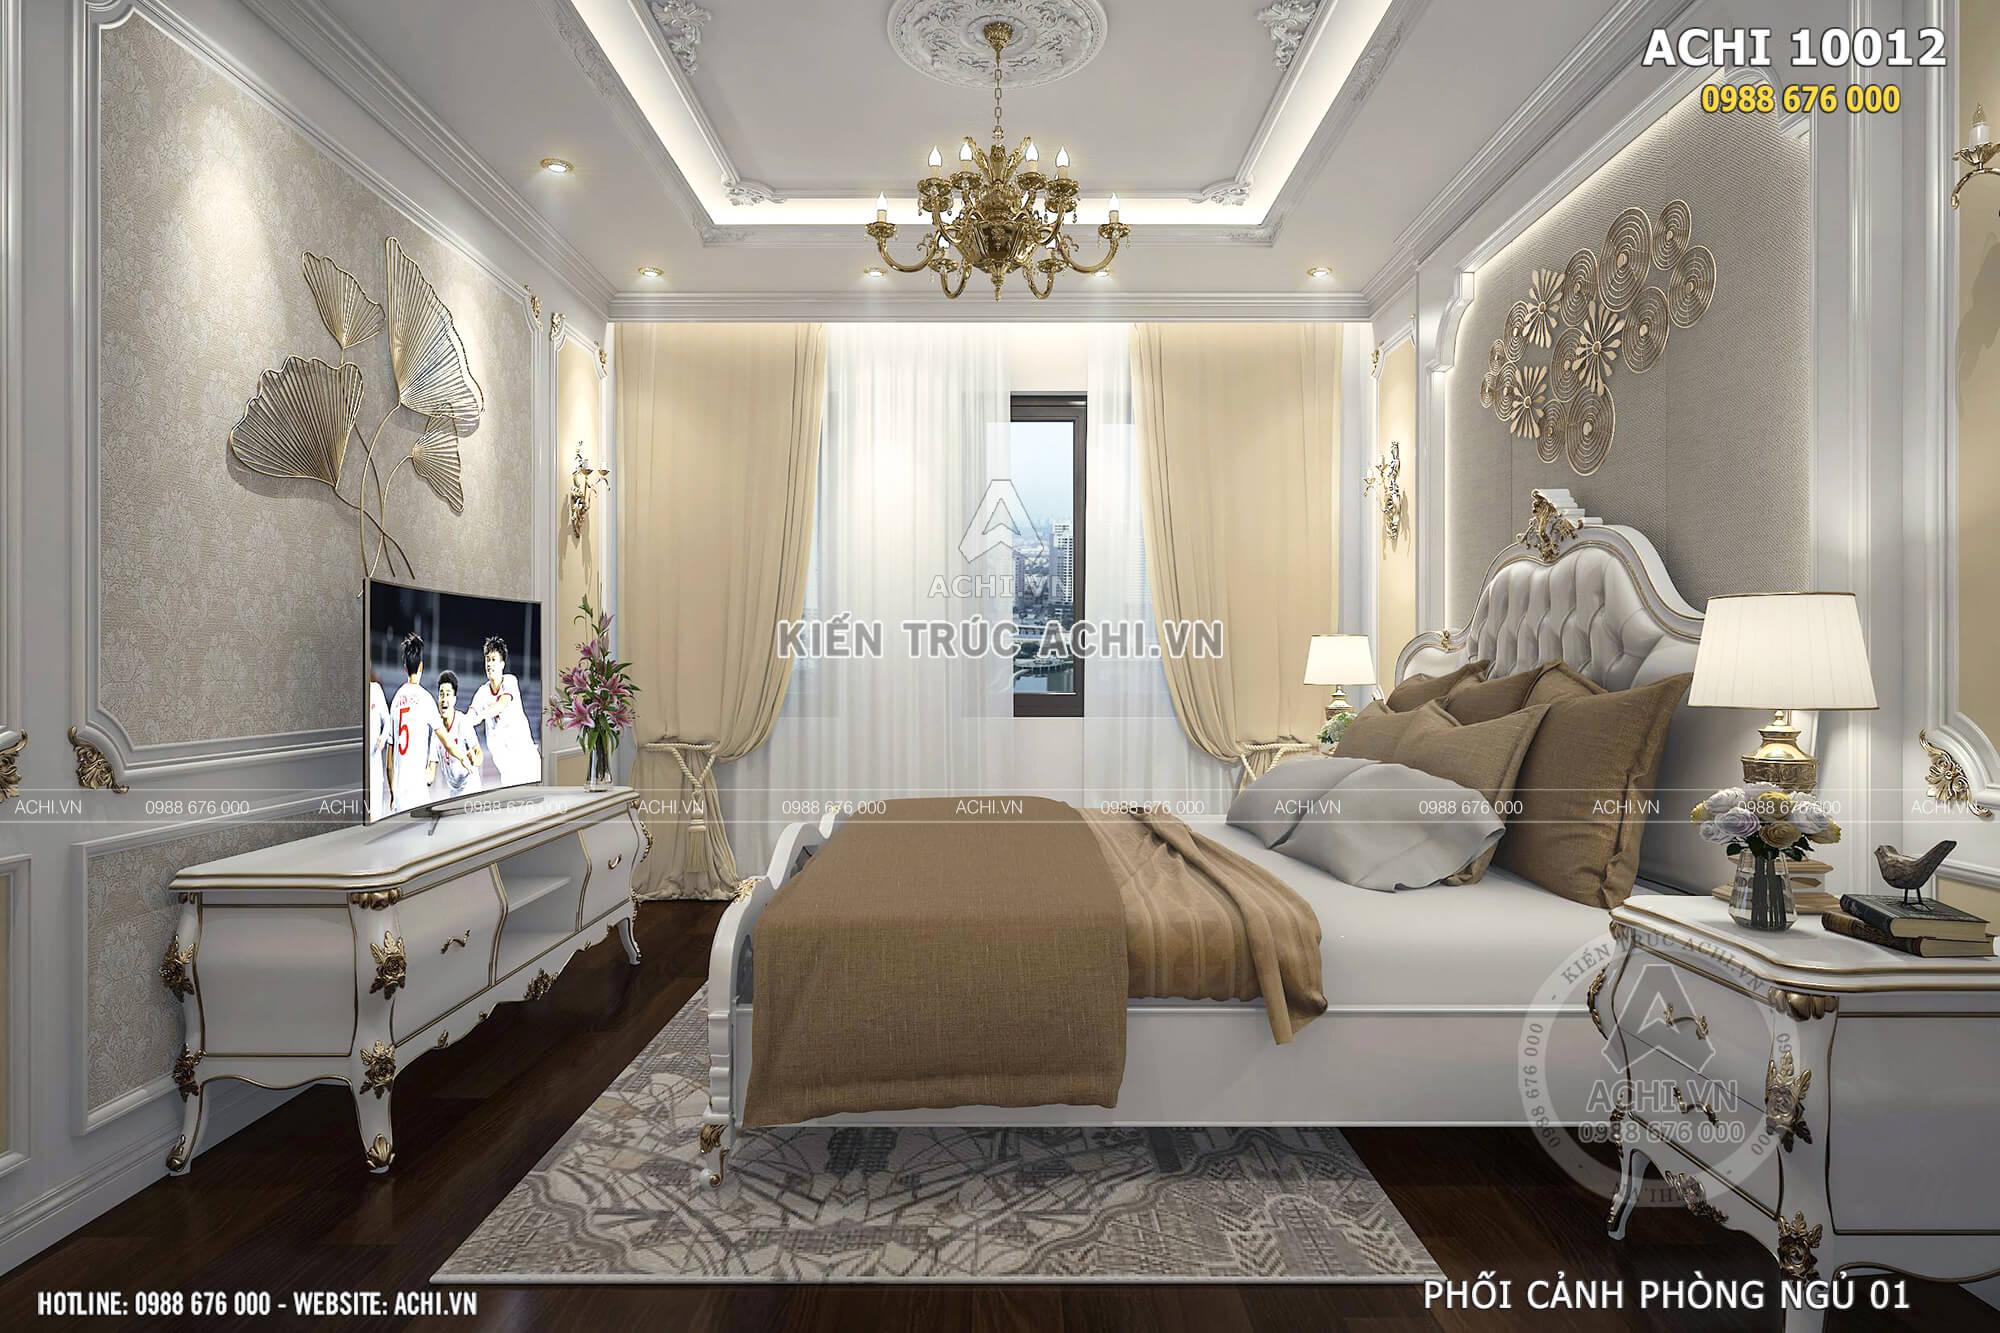 Phòng ngủ được thiết kế lịch lãm, tiện nghi